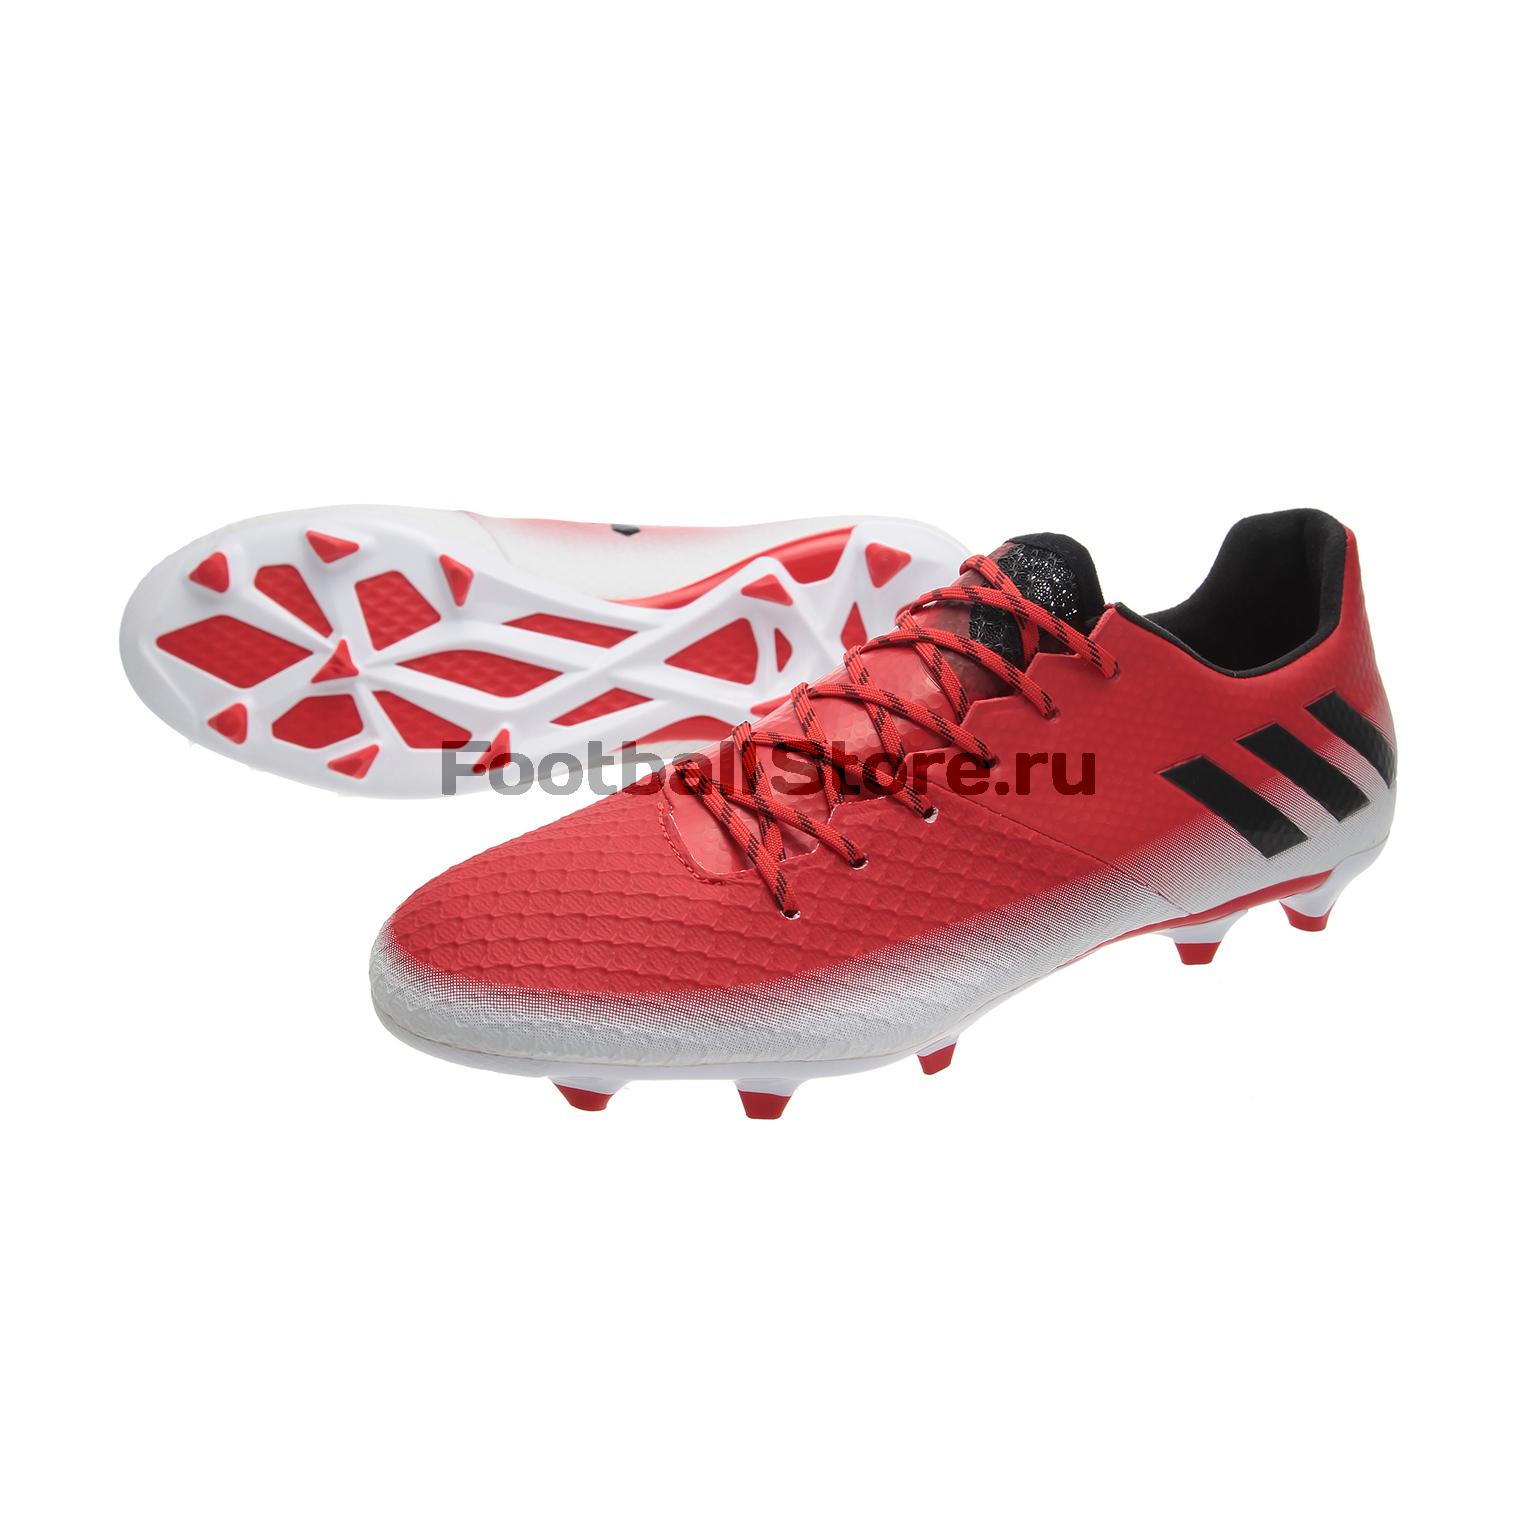 Игровые бутсы Adidas Бутсы Adidas Messi 16.2 FG BA9144